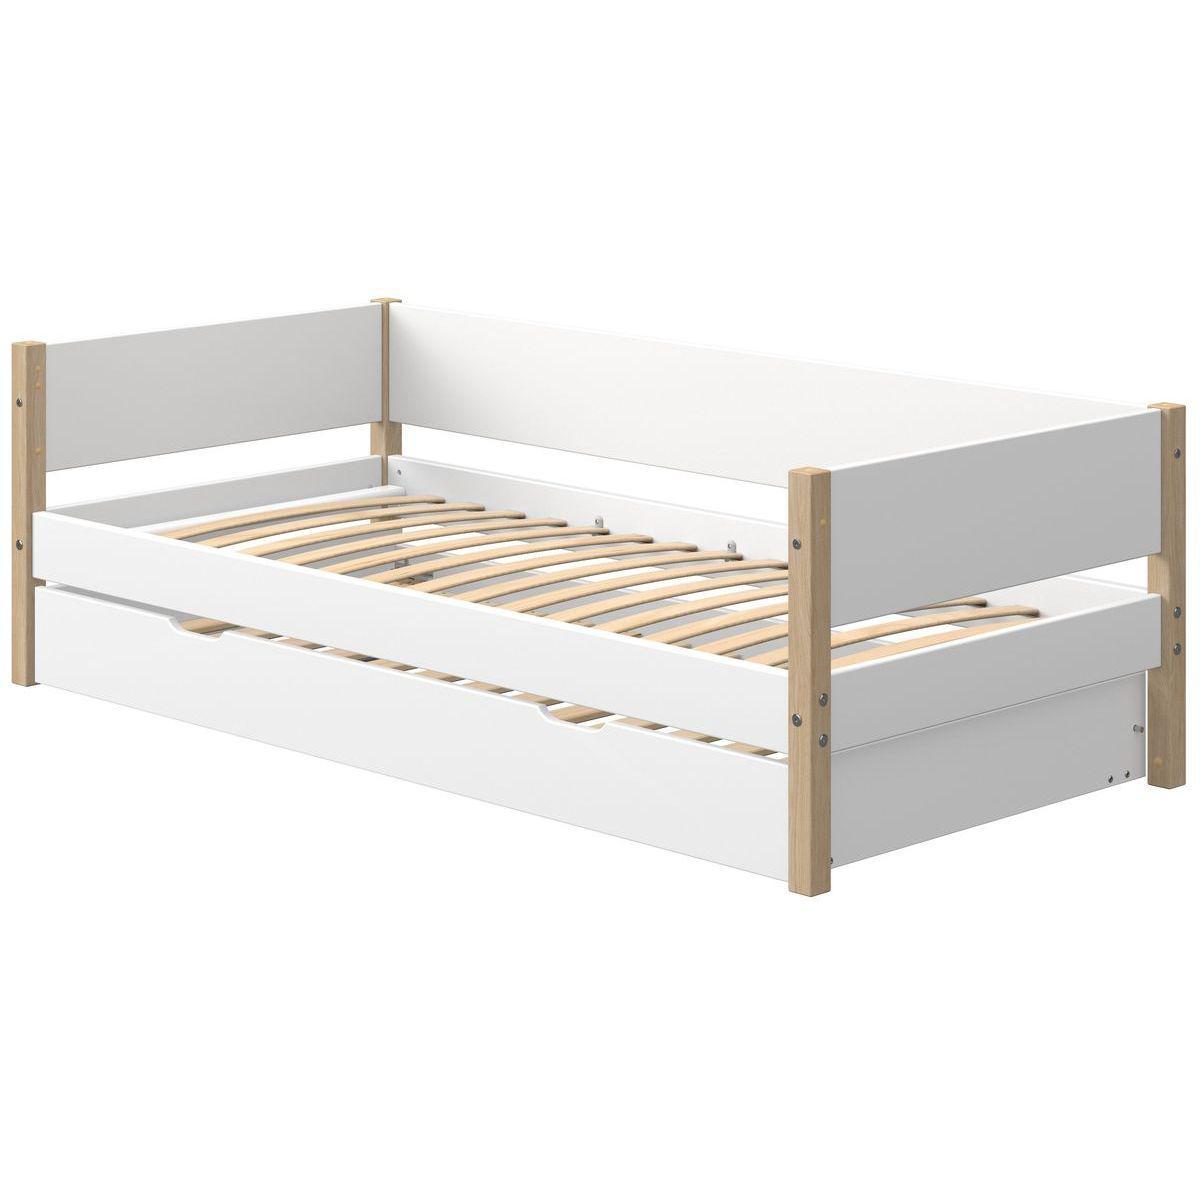 Tagesbett mitwachsend 200x90cm Ausziehbett NOR Eiche-weiß